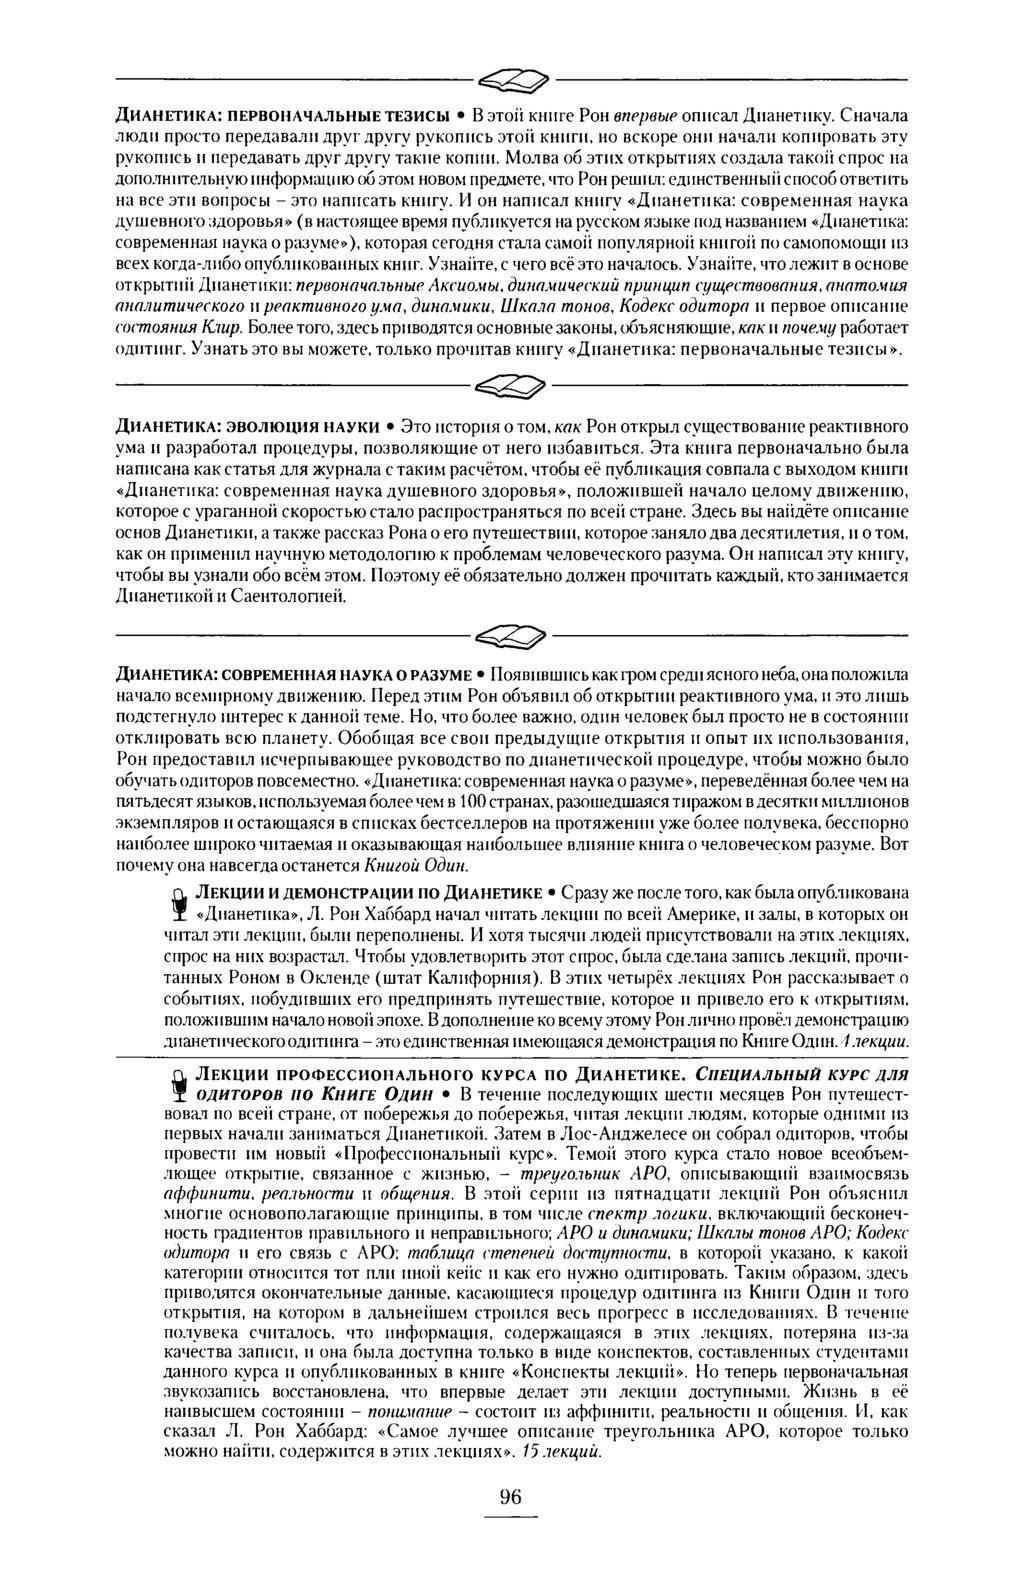 Психология: успокоить - бесплатные статьи по психологии в доме солнца